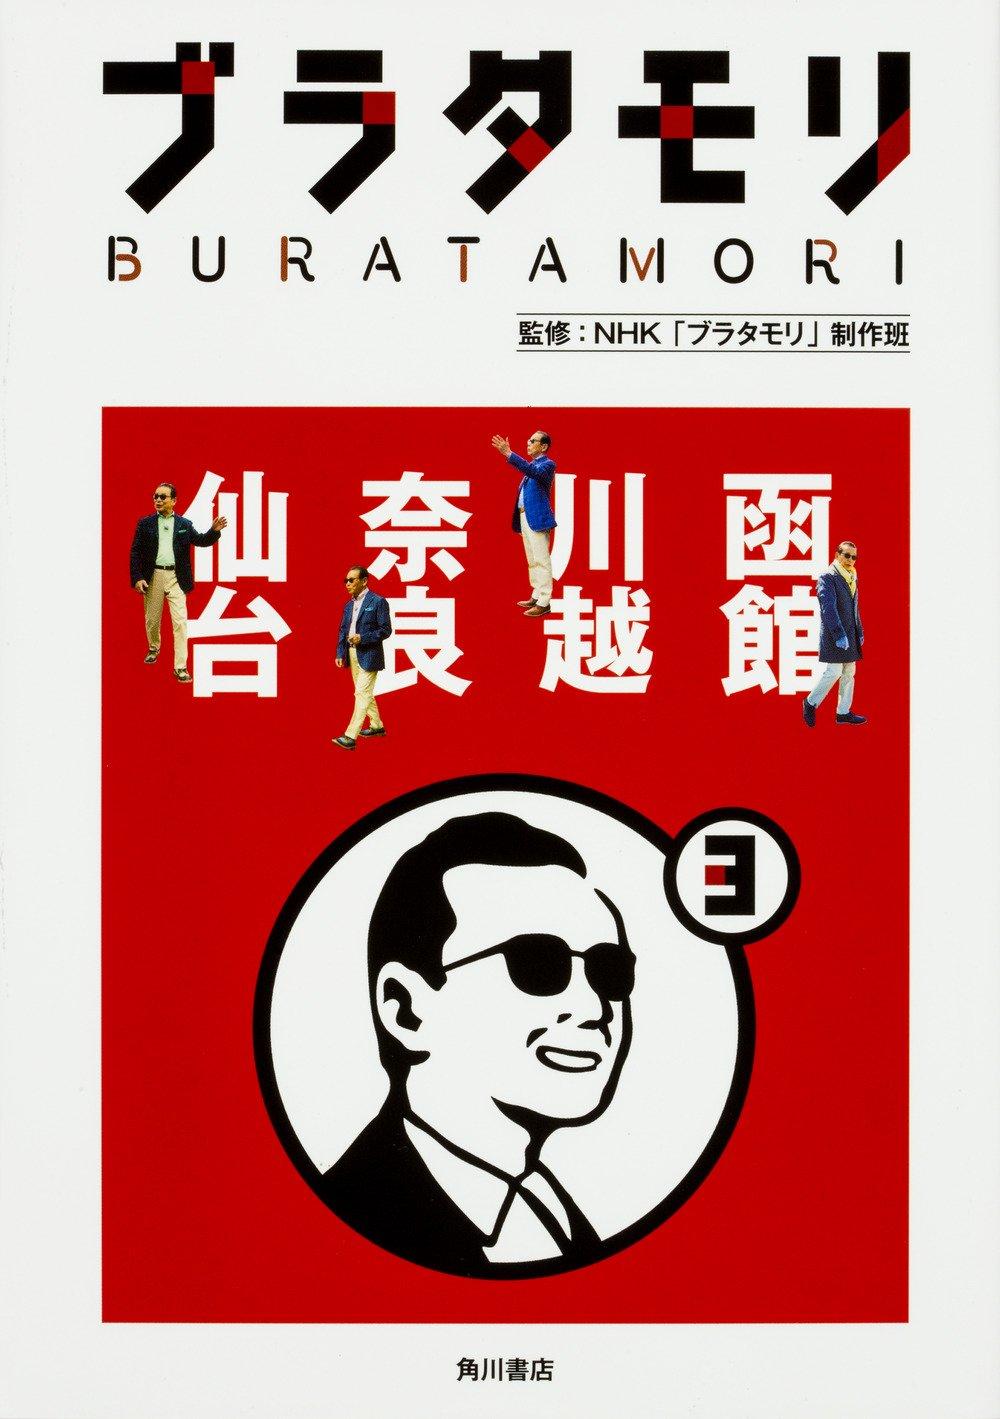 【書籍】ブラタモリ セット 3巻